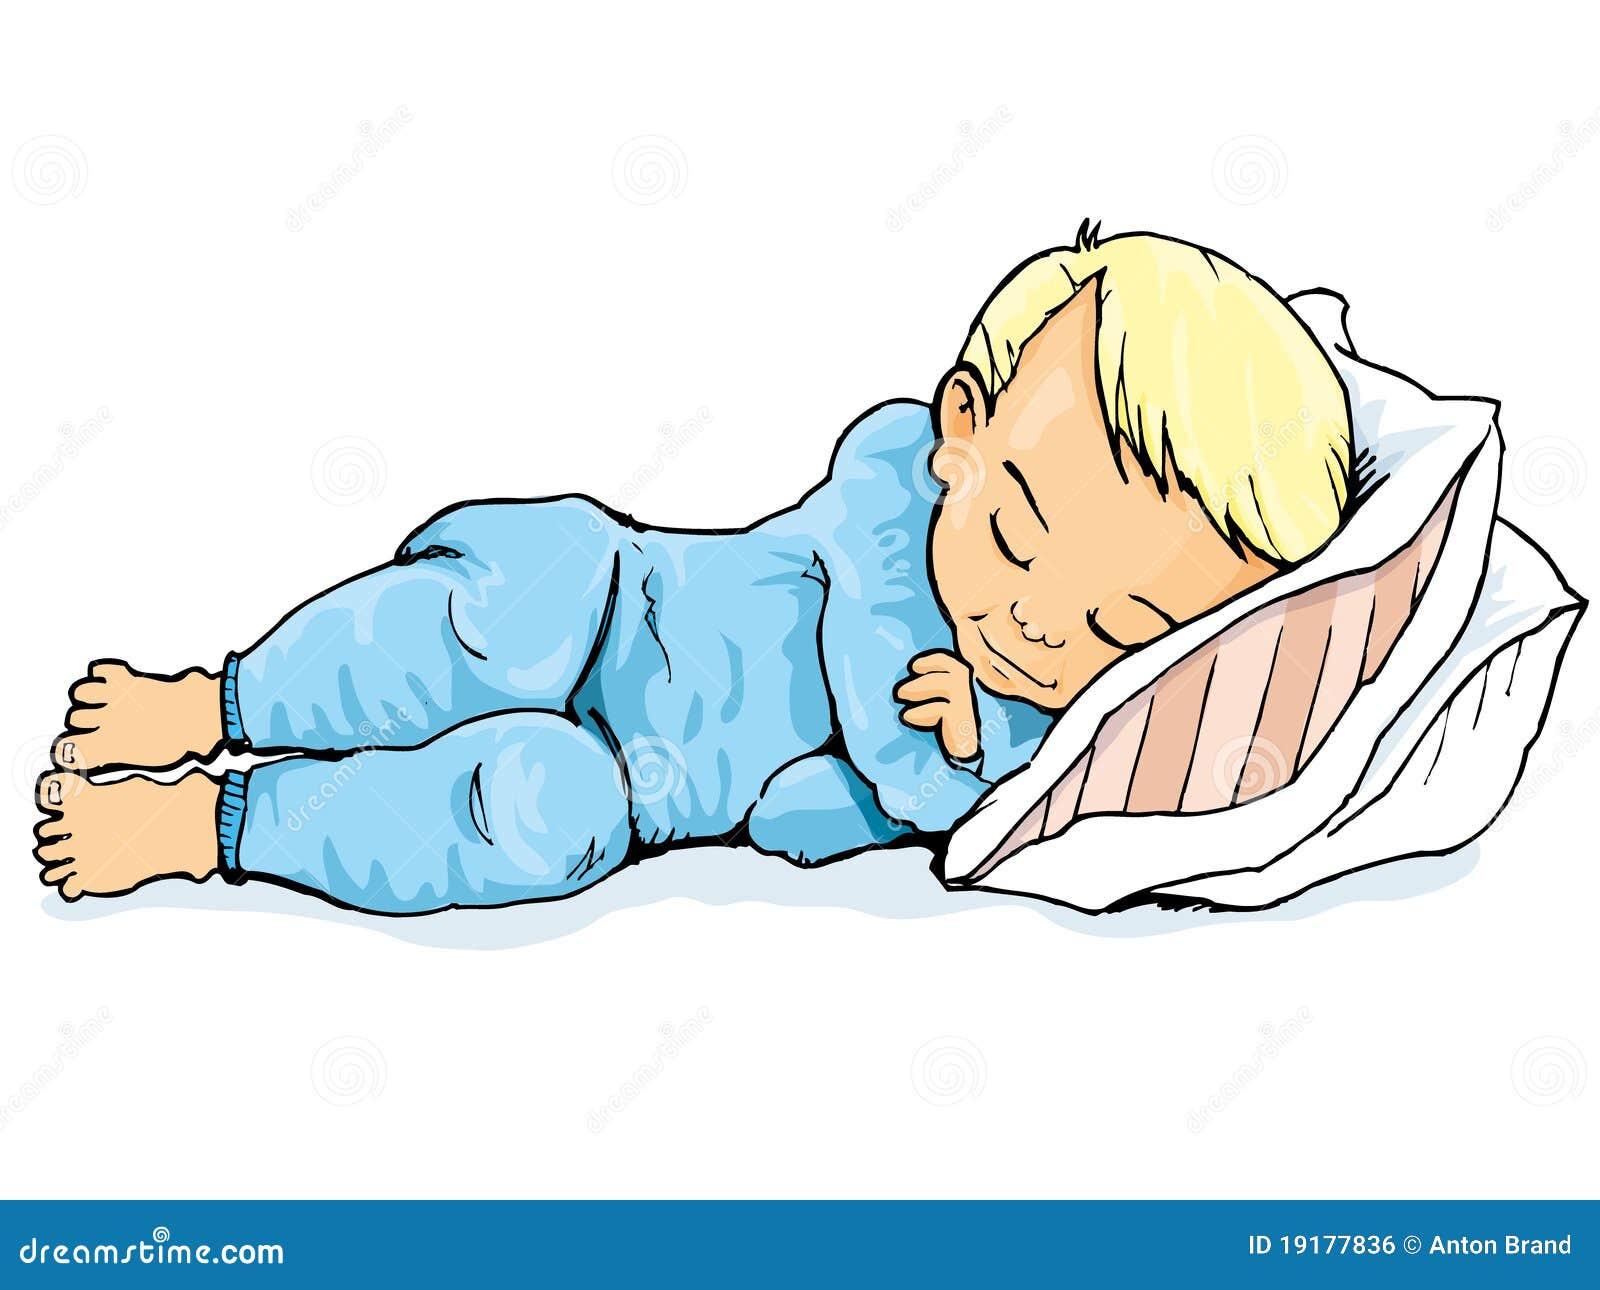 Karikatur Des Kleinen Jungen Schlafend Auf Einem Kissen